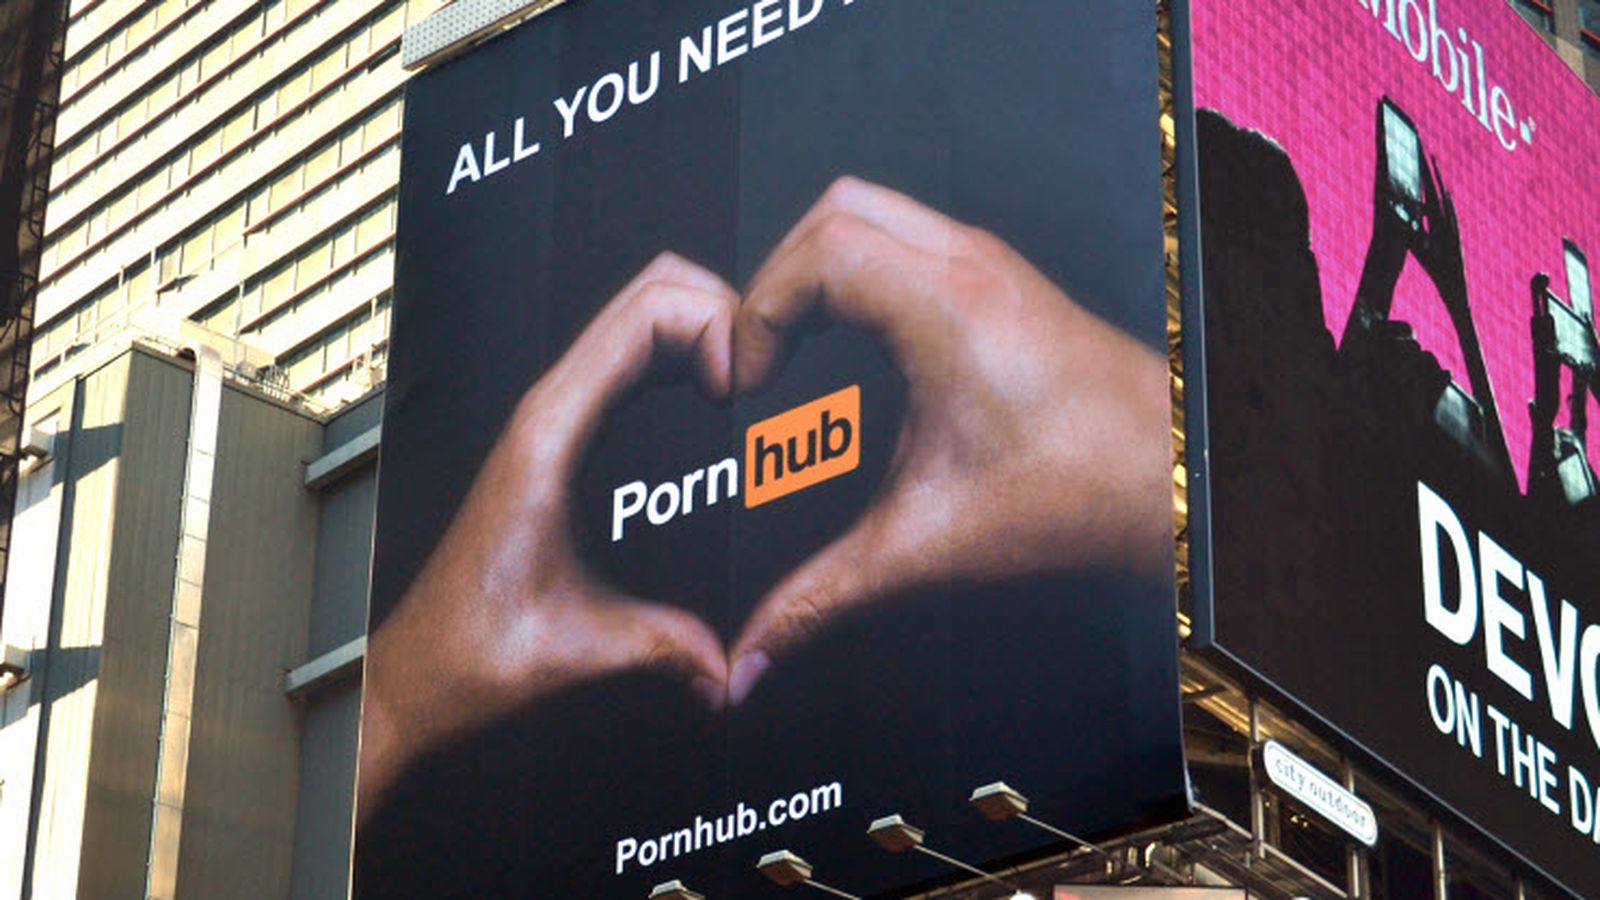 www.pornhub.conm